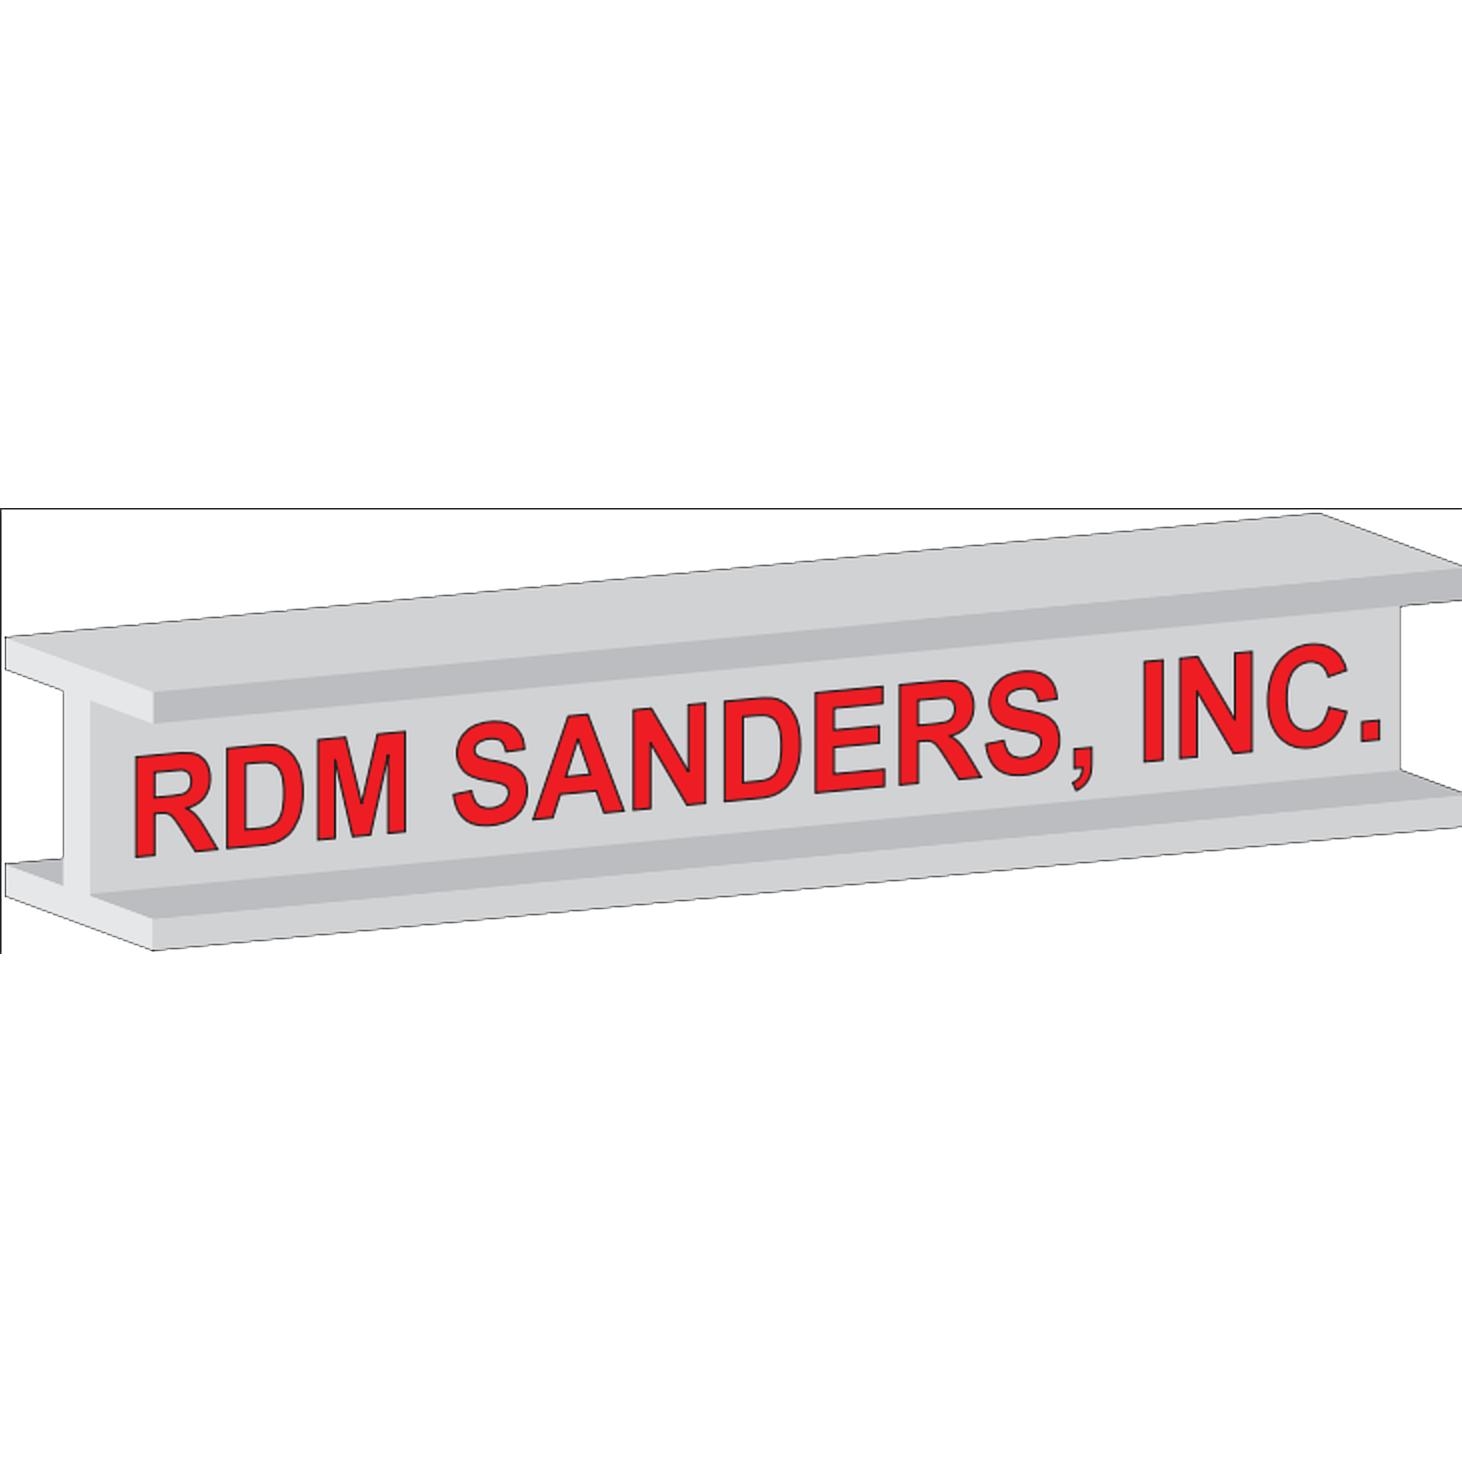 RDM Sanders, Inc.